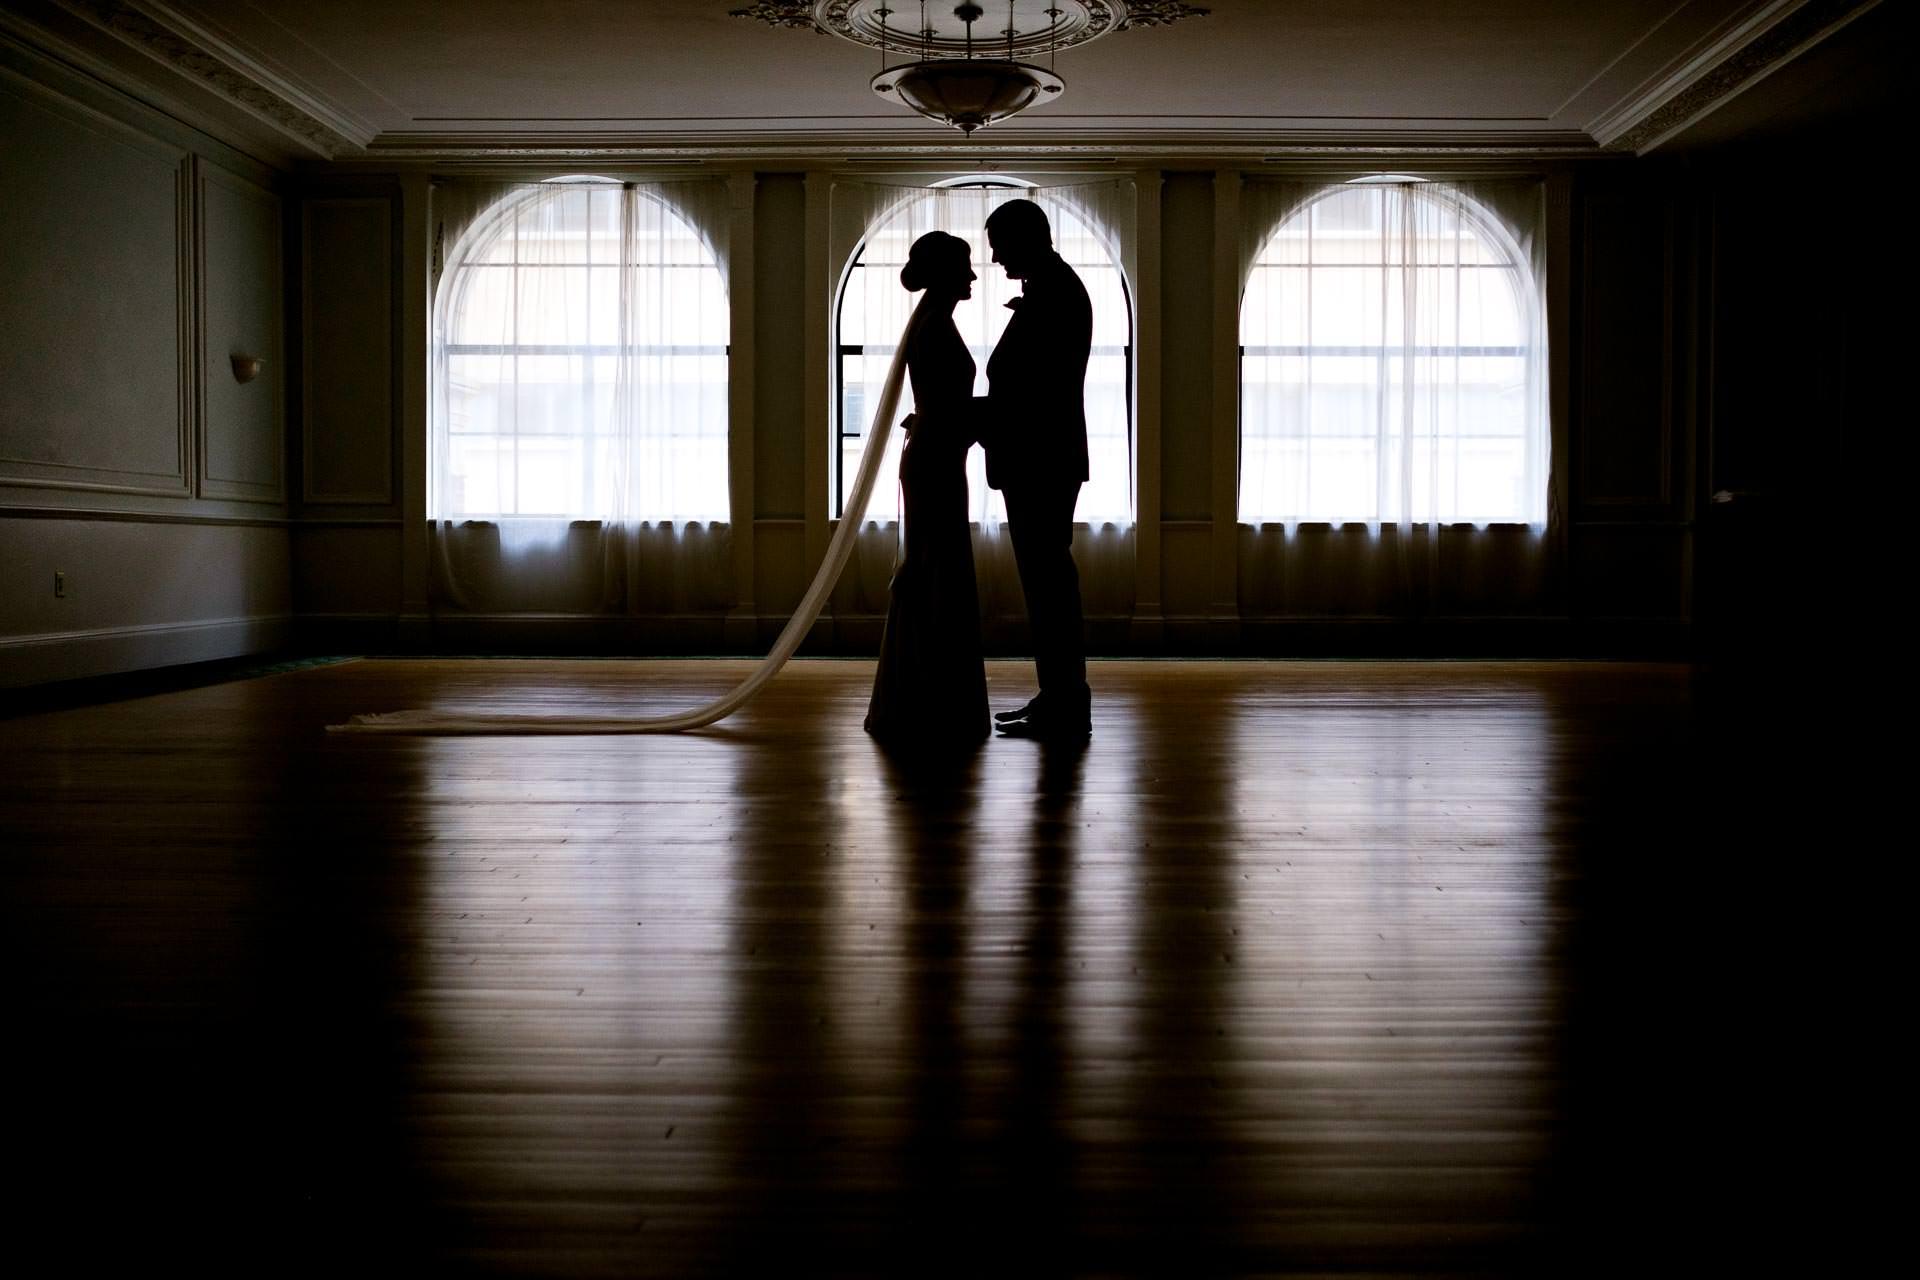 0679_KDW-Saint-Paul-Athletic-Club-Wedding-Reception